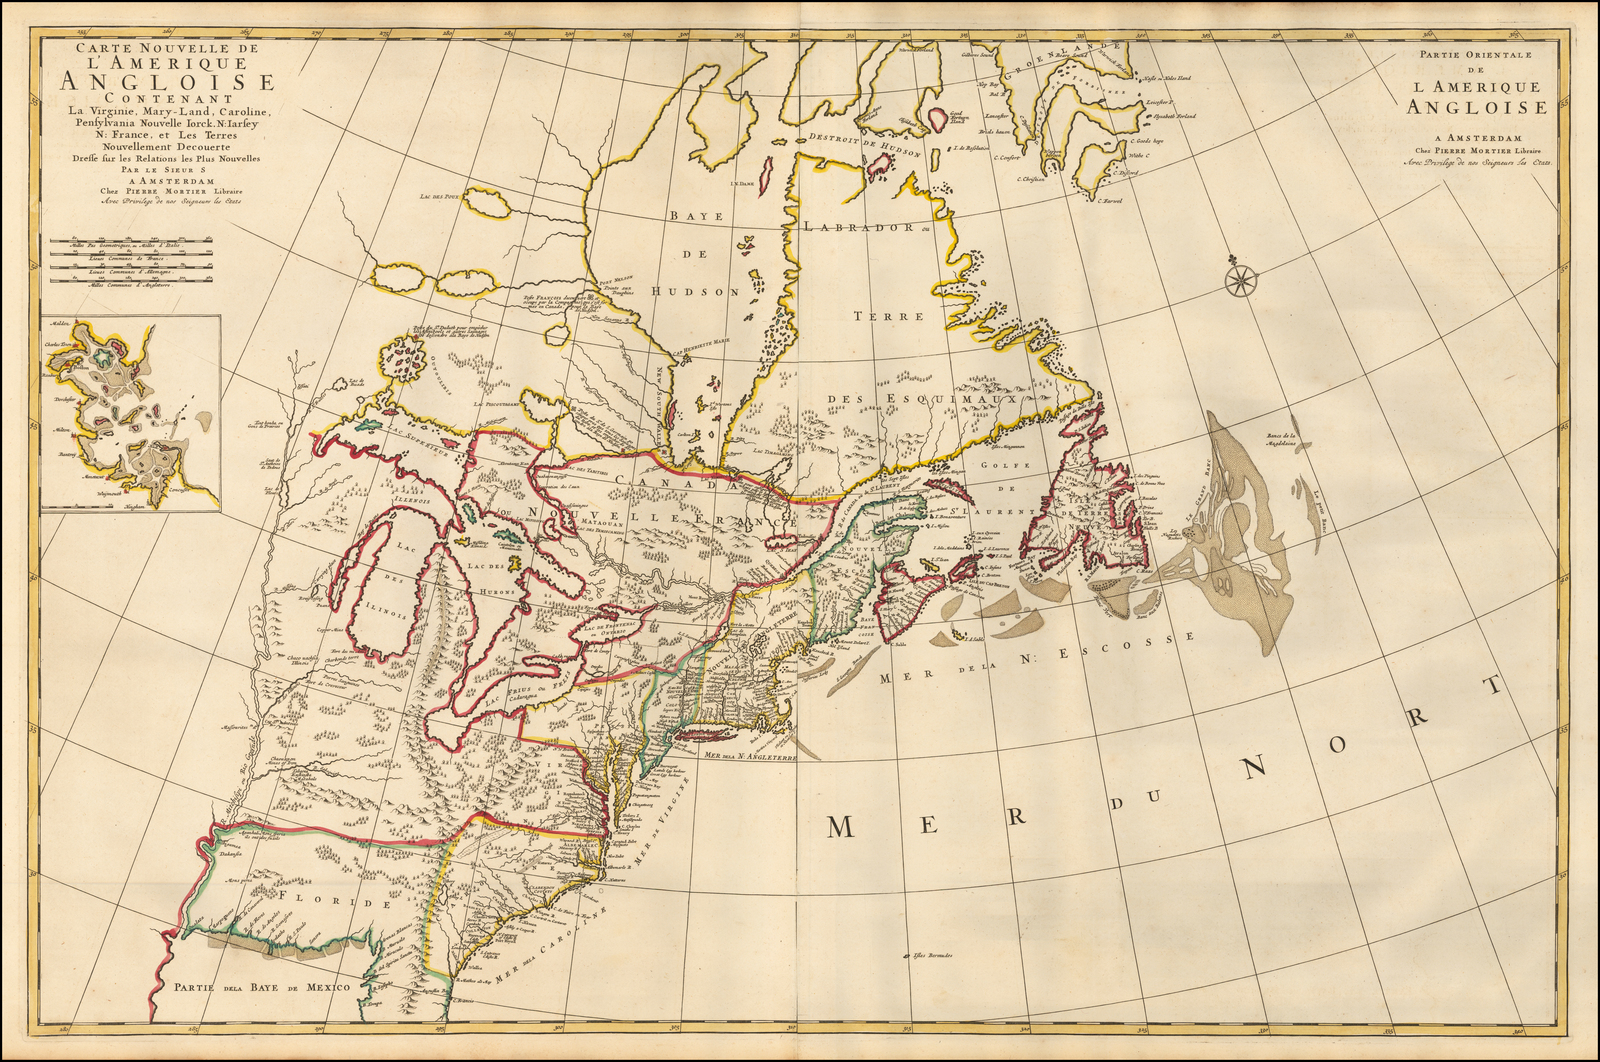 Подробная двухлистовая карта британских колоний в Северной Америке